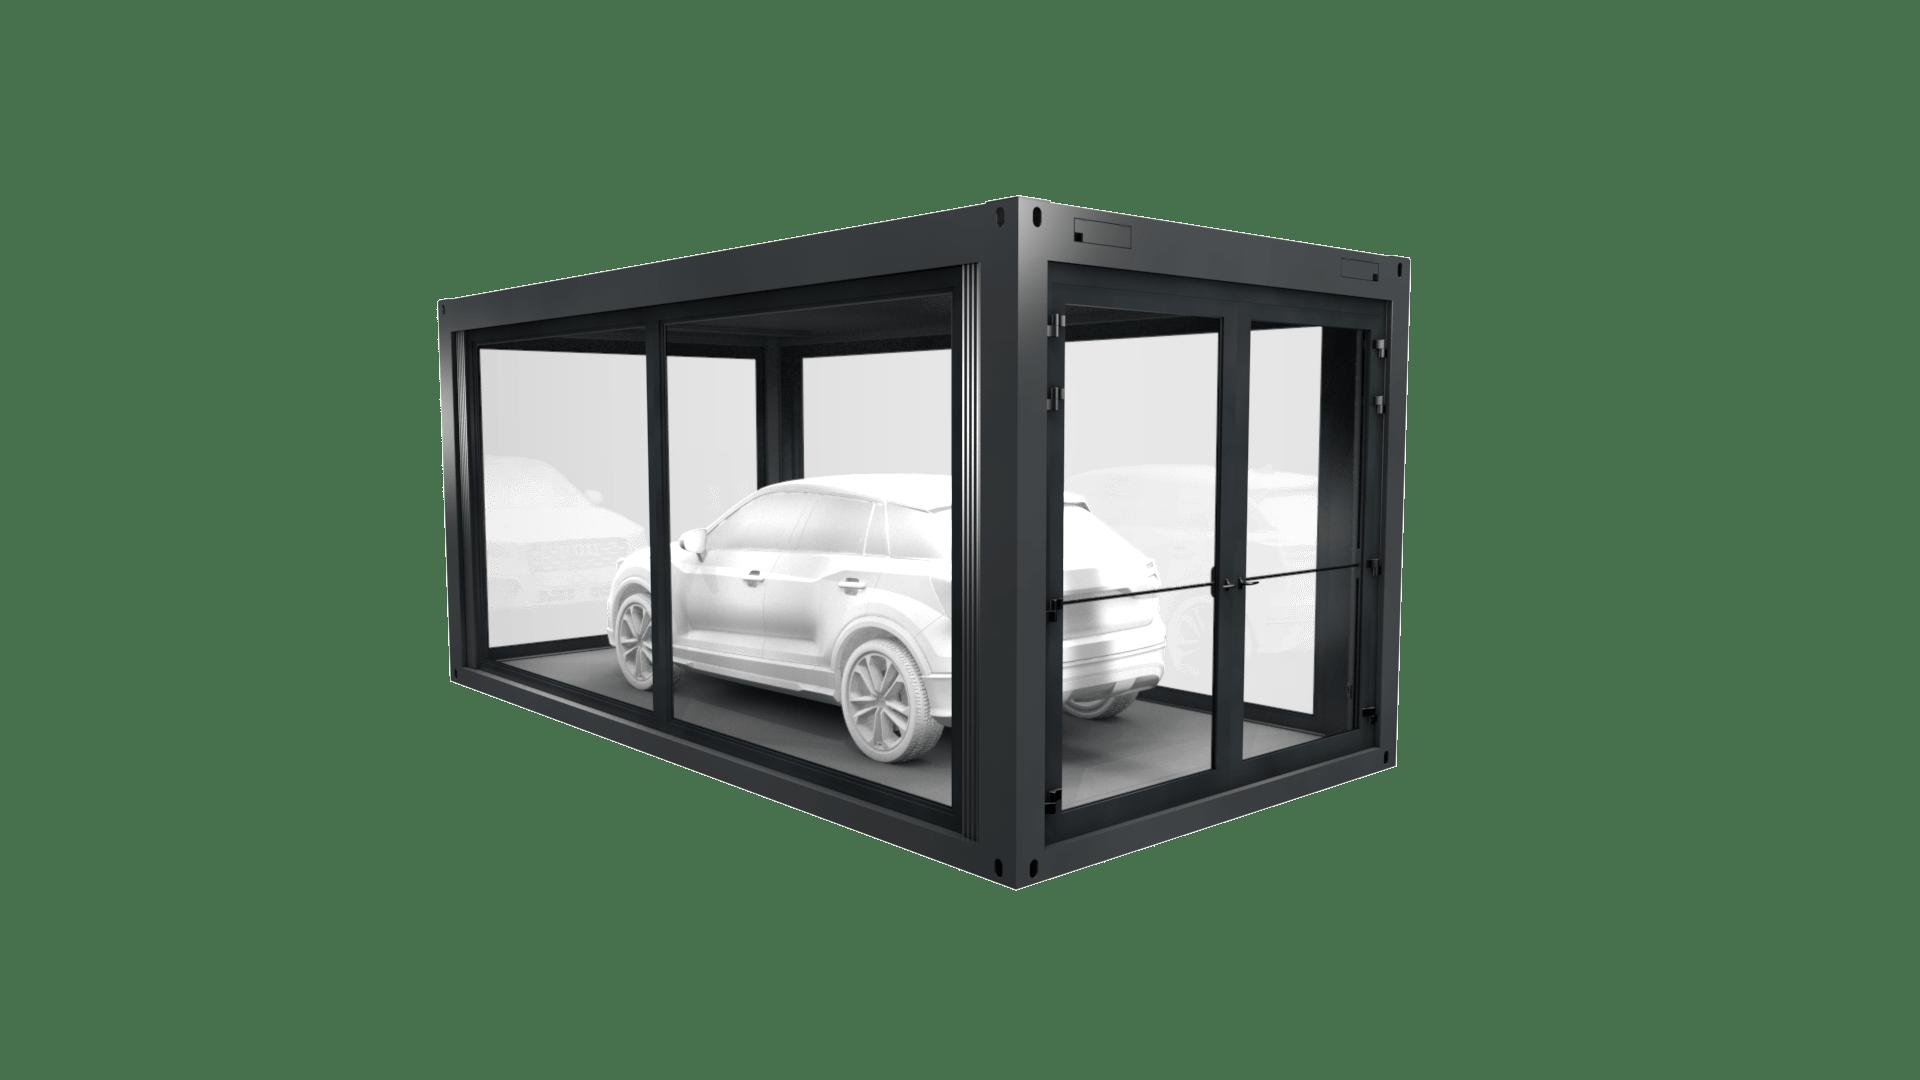 Container Modul 15 ist ein exklusives Showroom mit viel Glas und großer Tür